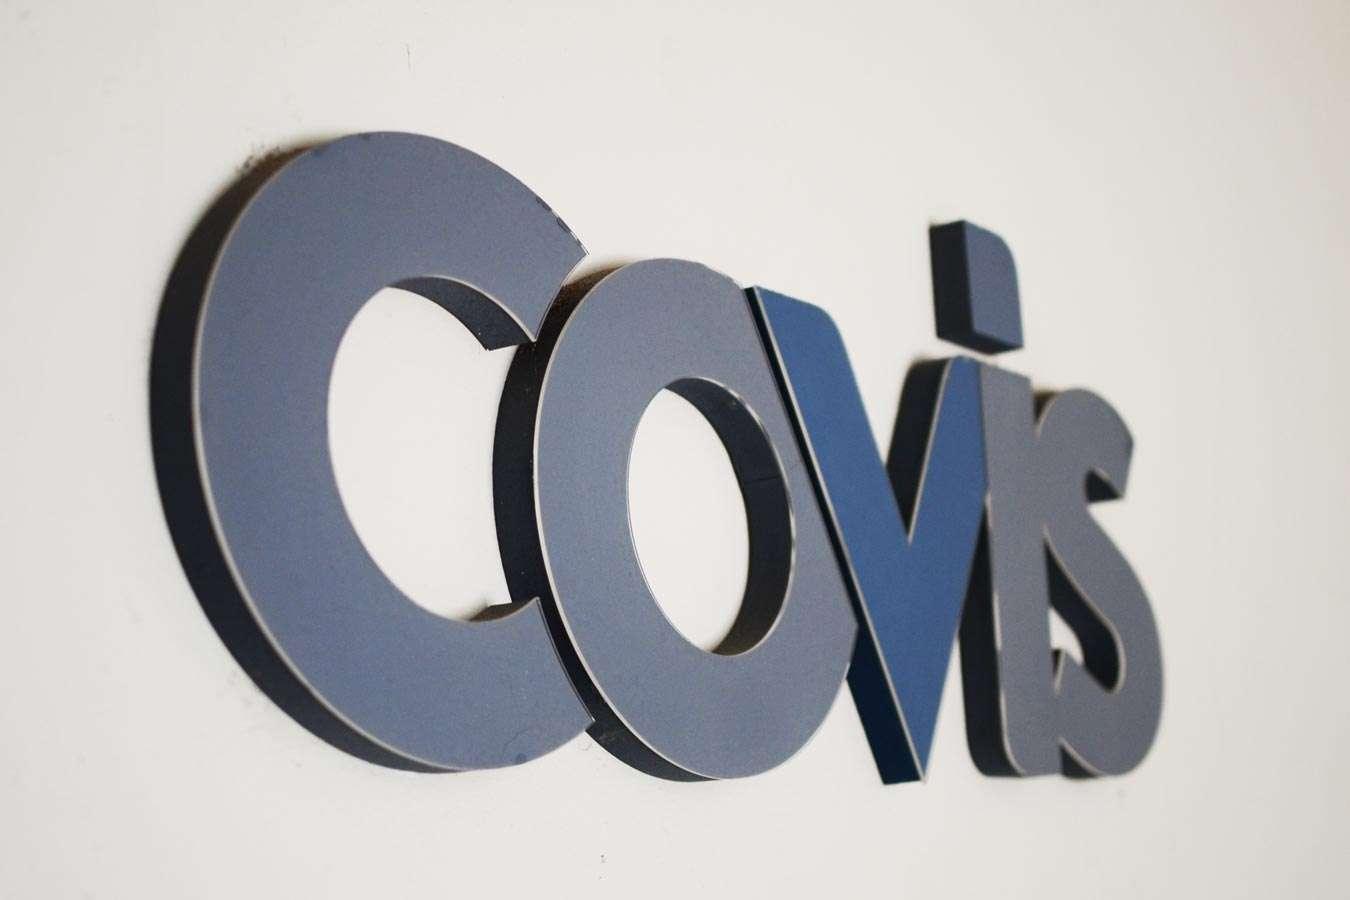 covis-agencia-03